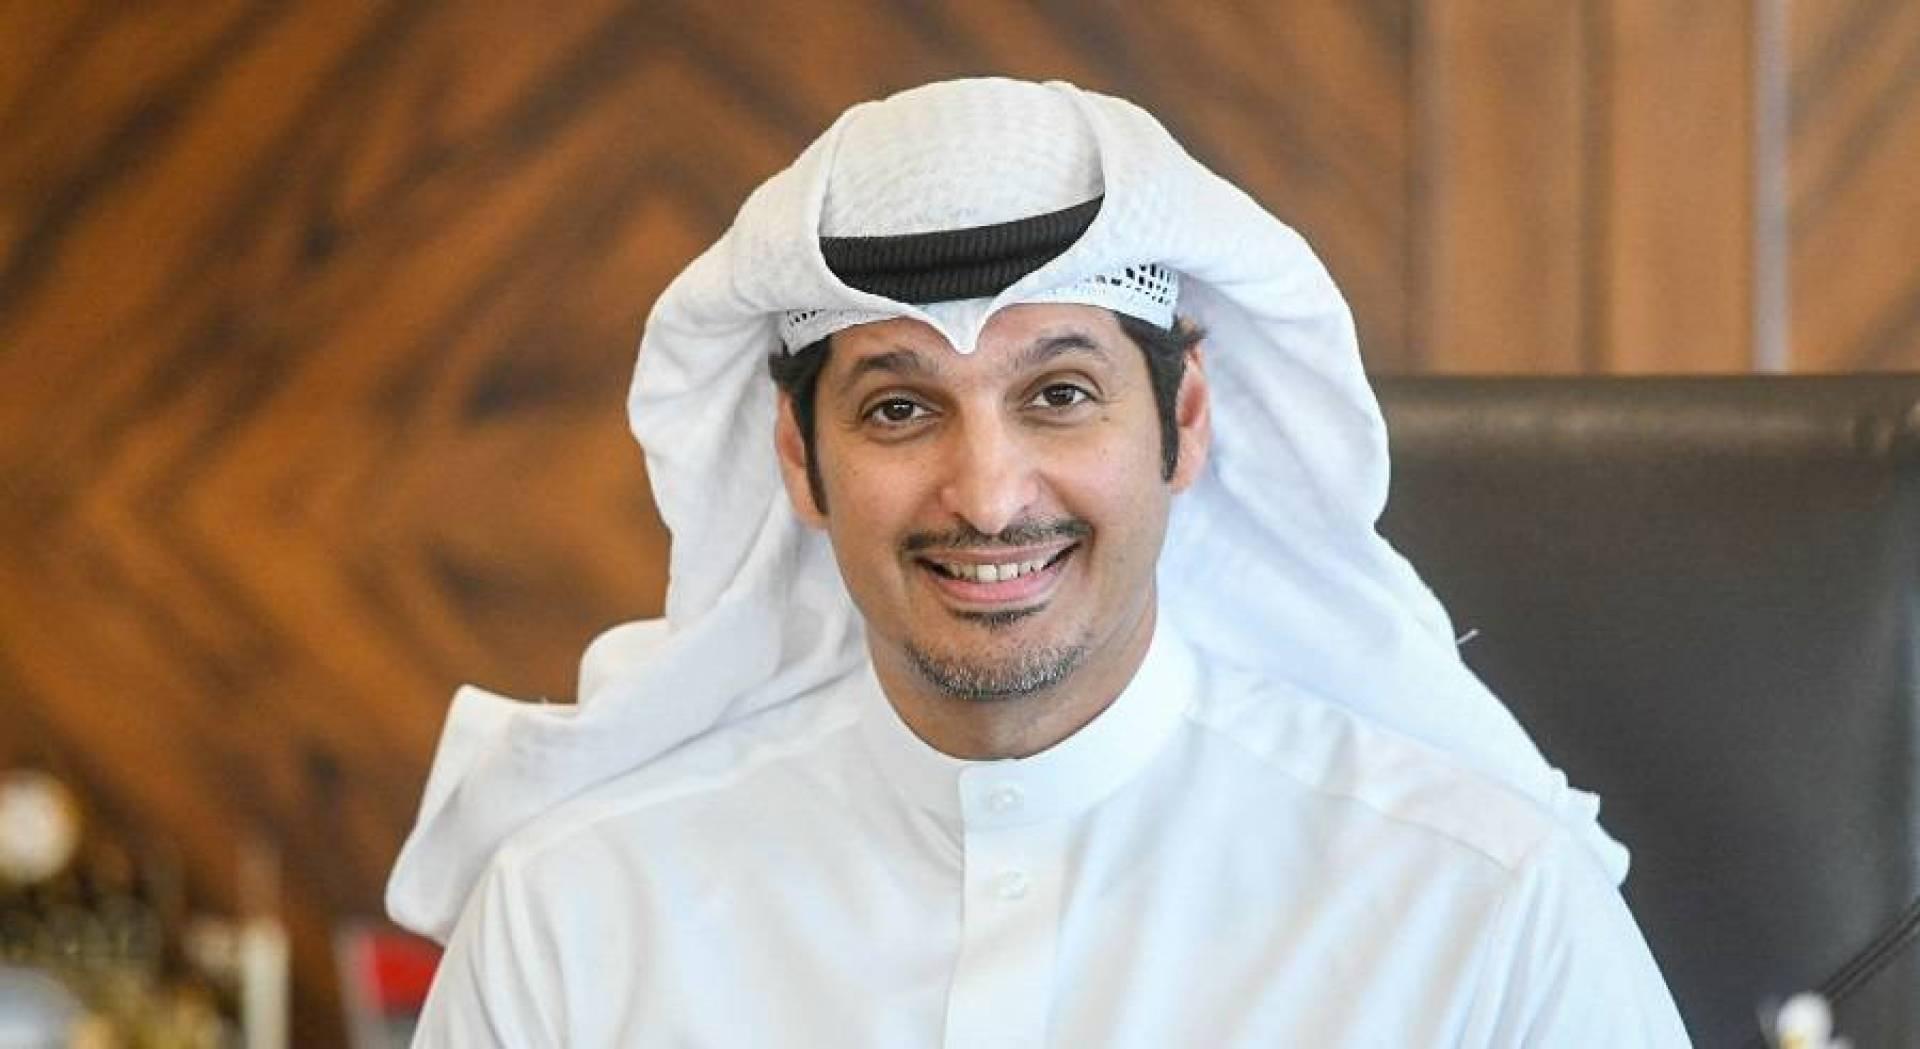 المدير العام للهيئة العامة للشباب عبدالرحمن المطيري